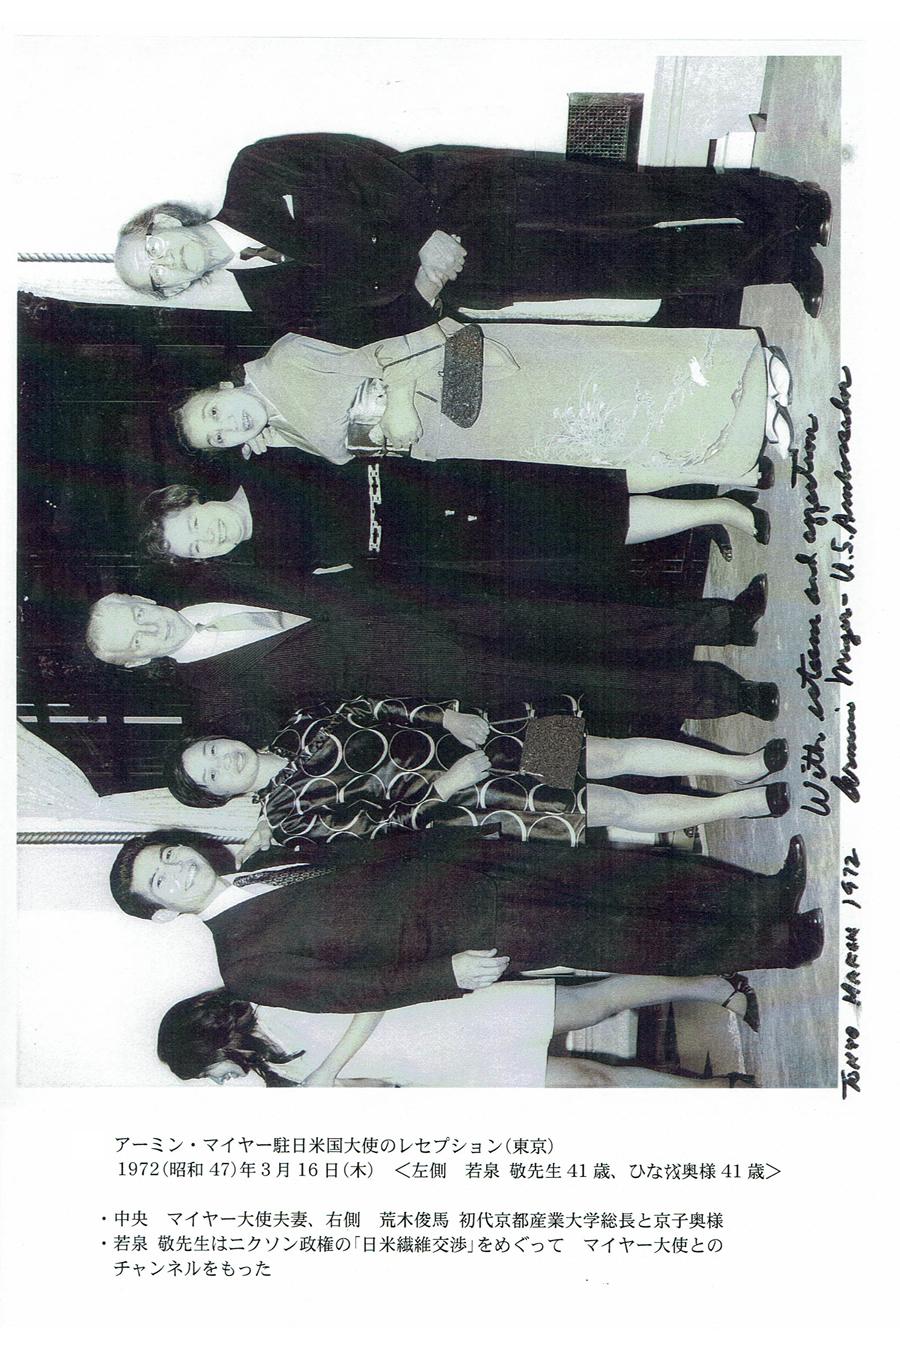 アーミン・マイヤー駐日米国大使のレセプション(東京)1972(昭和47)年3月16日(木)≪左側 若泉 敬先生41歳、ひなお奥様41歳≫若泉 敬先生ははニクソン政権の「日米繊維交渉」をめぐってマイヤー大使とのチャンネルを持った